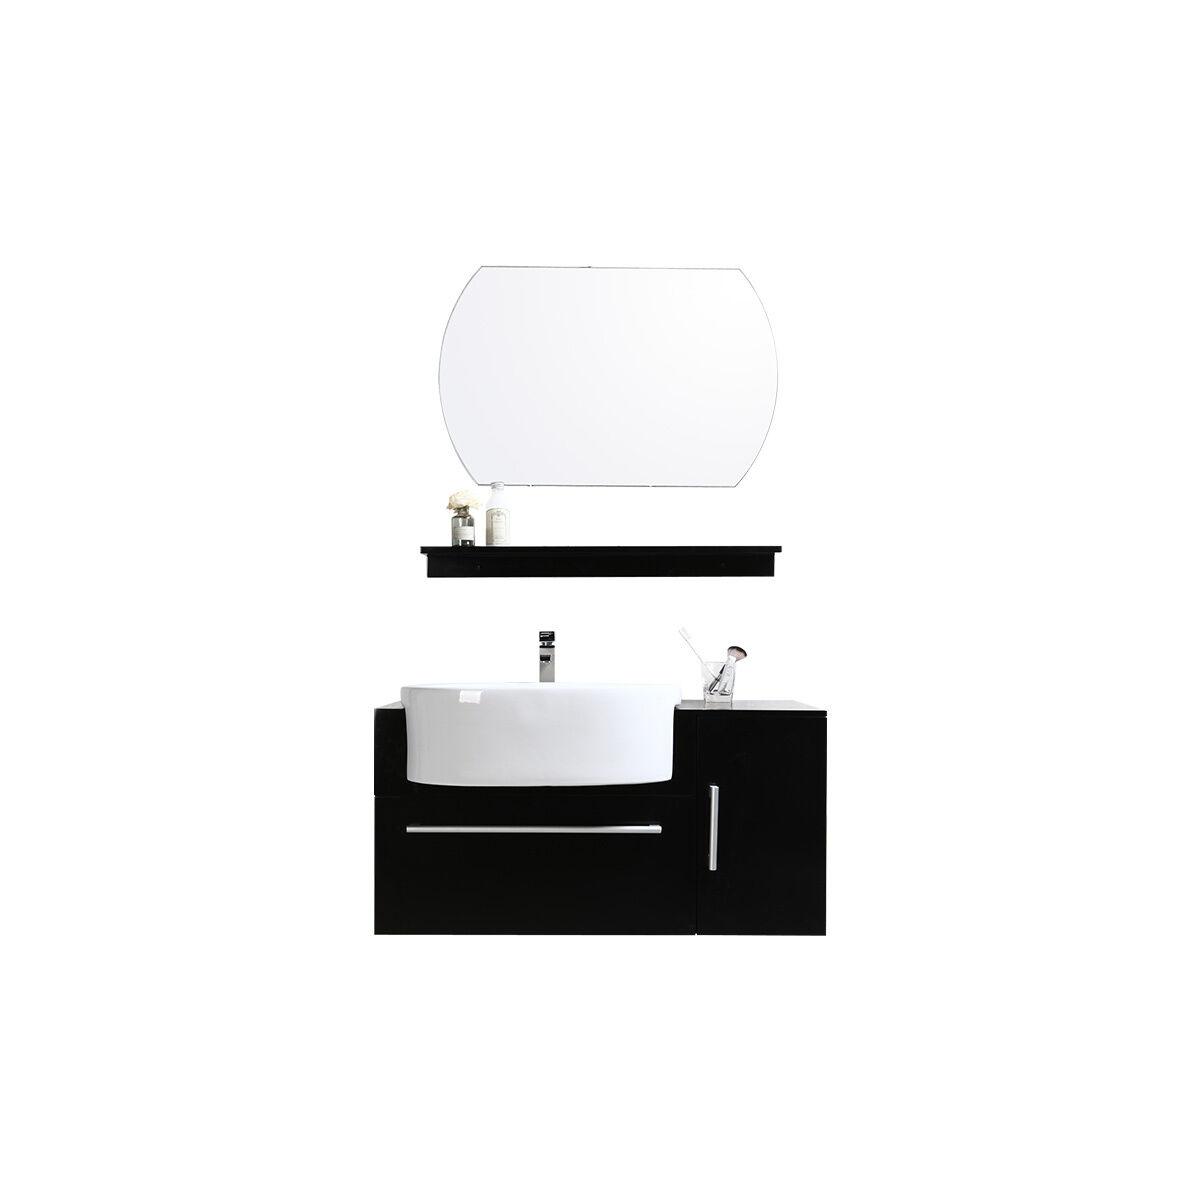 Miliboo Mobile da bagno Sullivan nero : lavabo, mobile sottovasca, mensola e specchio.-